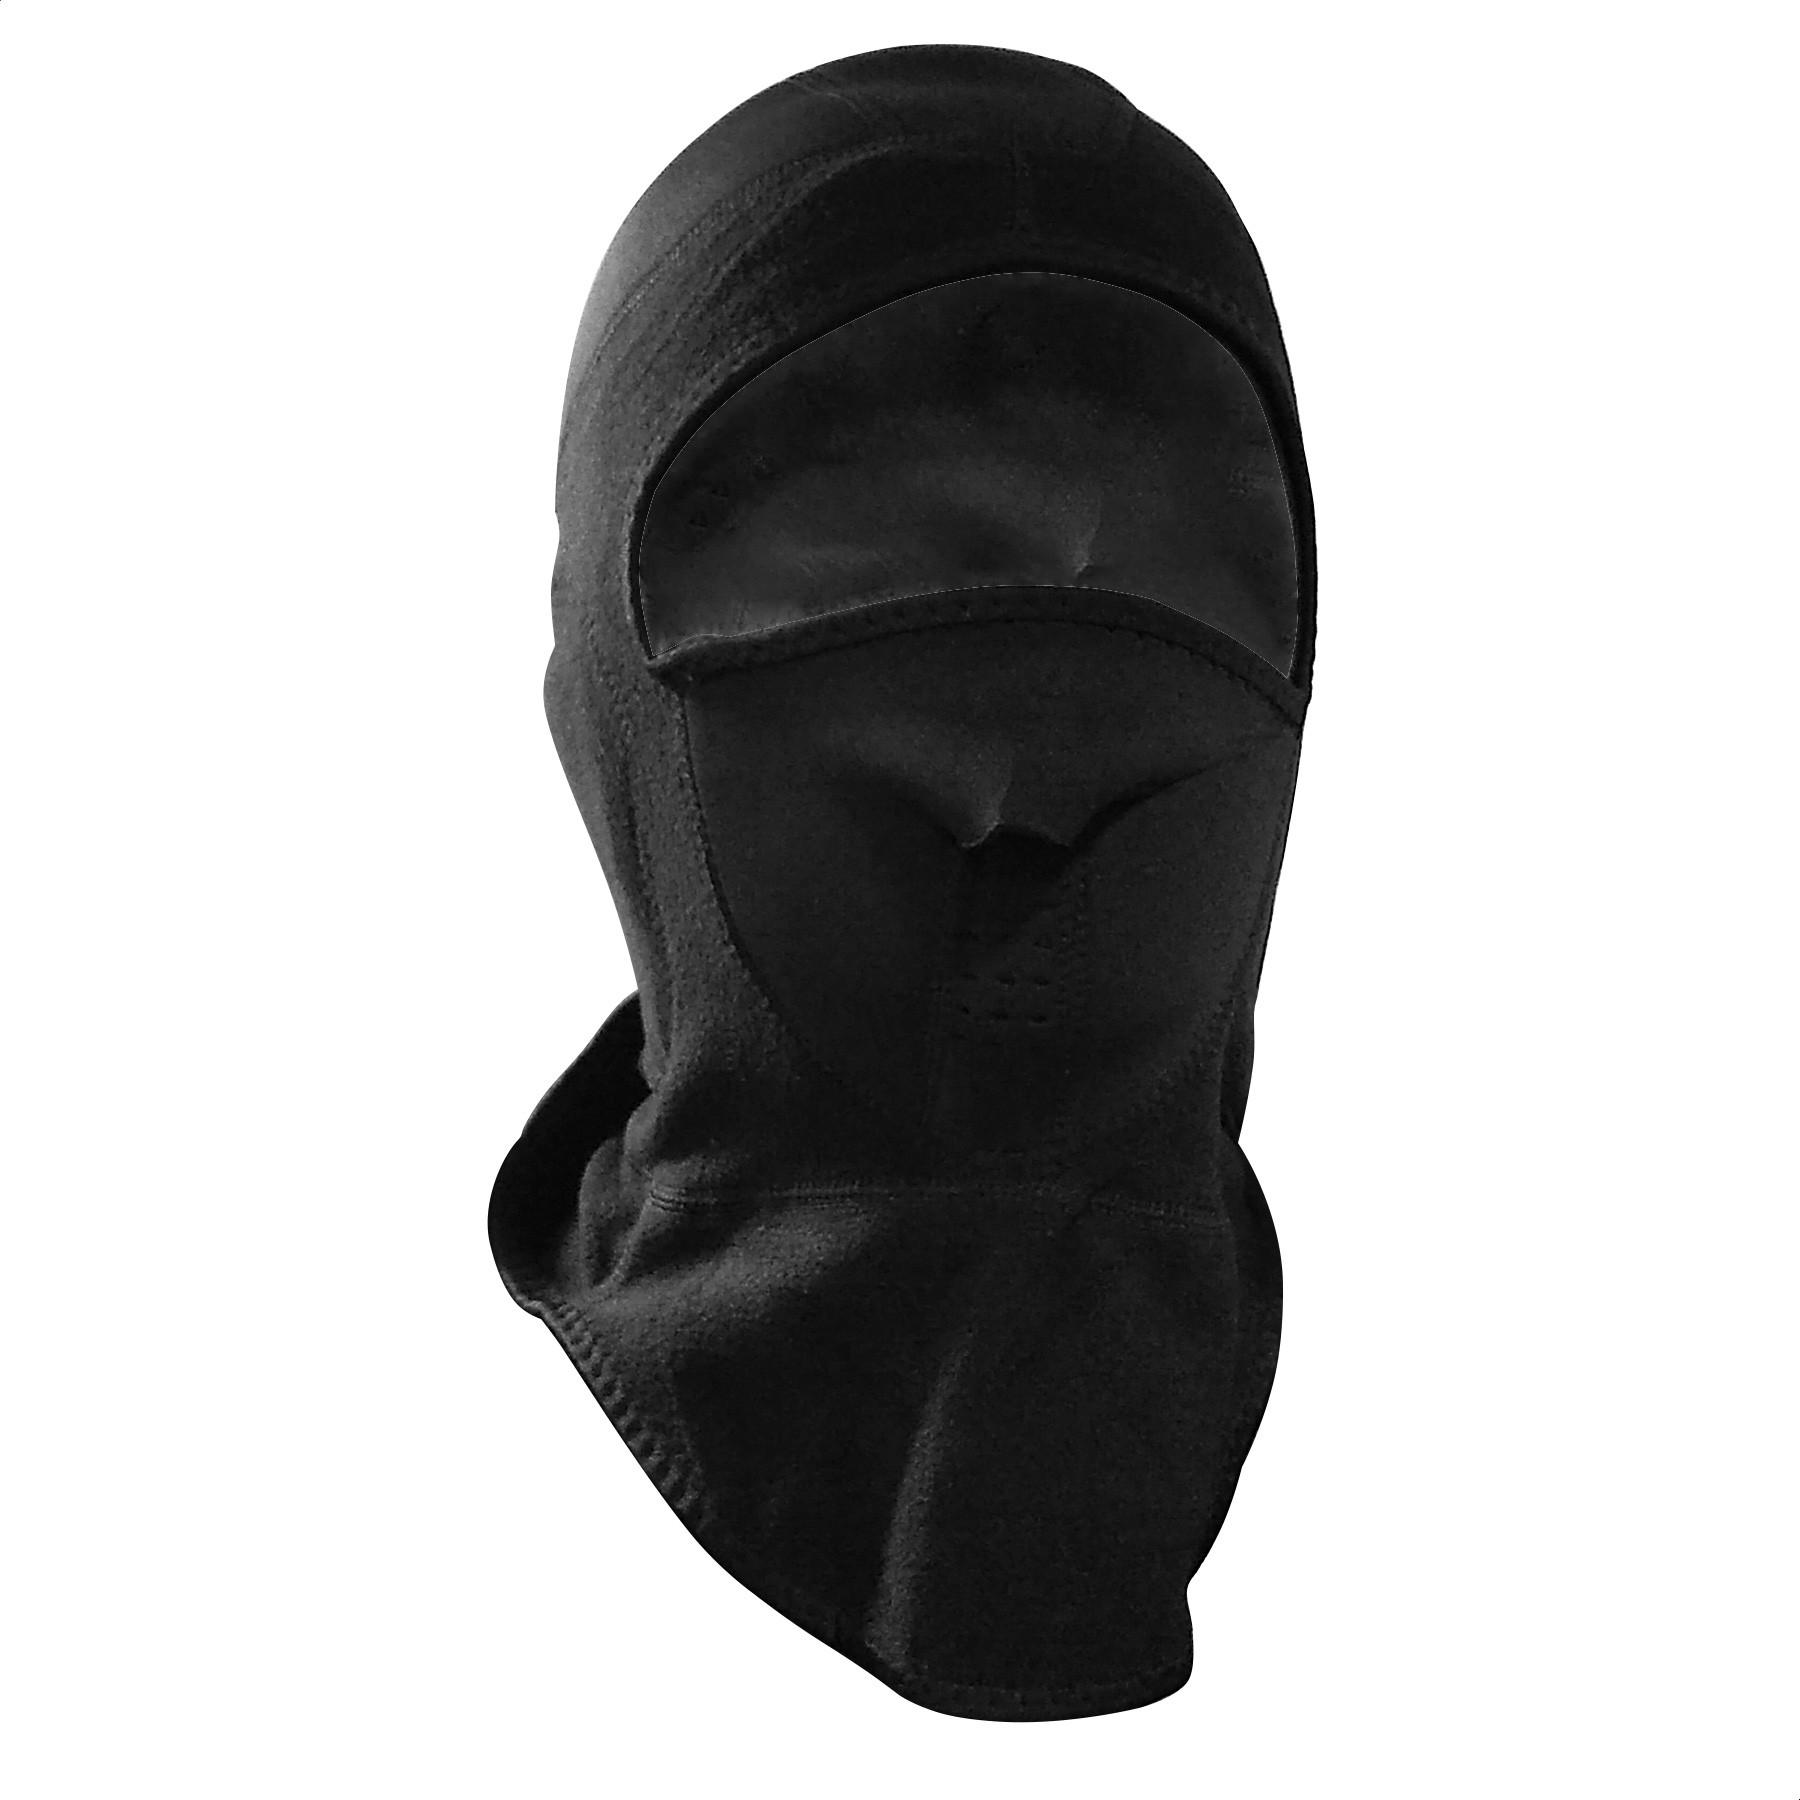 Mascara Pasamontaña Balaclava de Neoprene Polar para Invierno